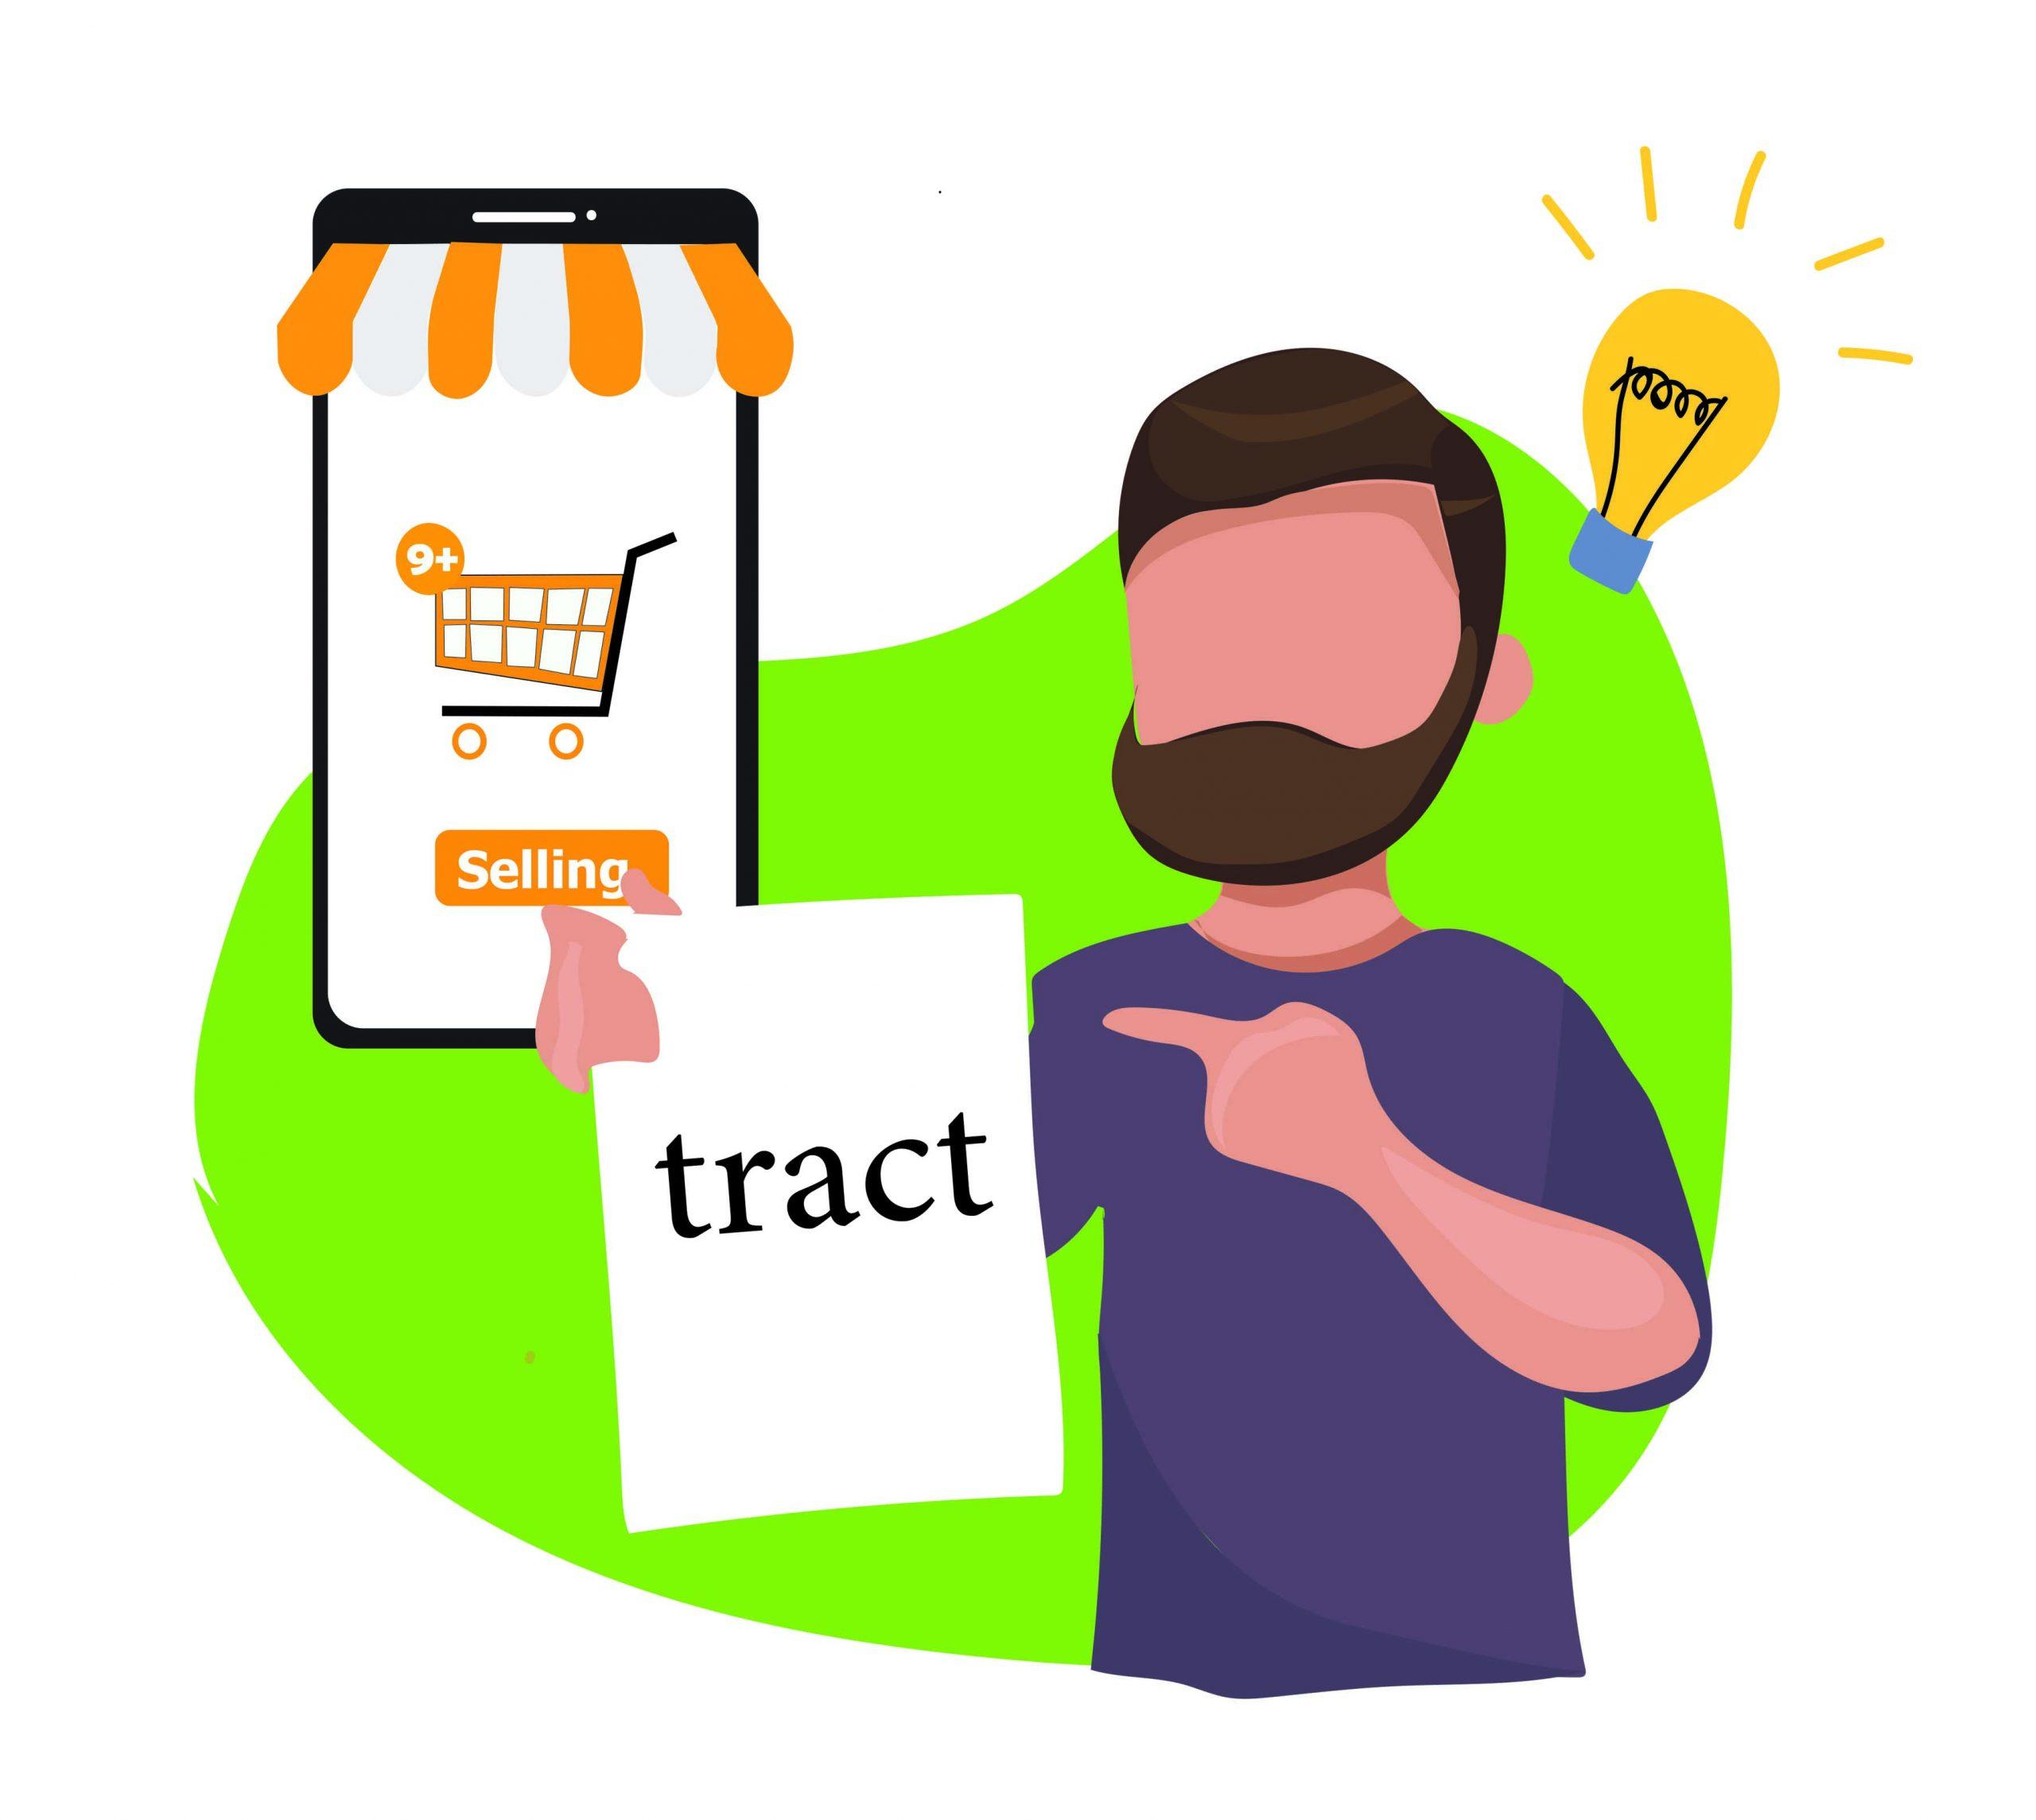 چگونه نوشتن تراکت تبلیغاتی را شروع کنیم؟